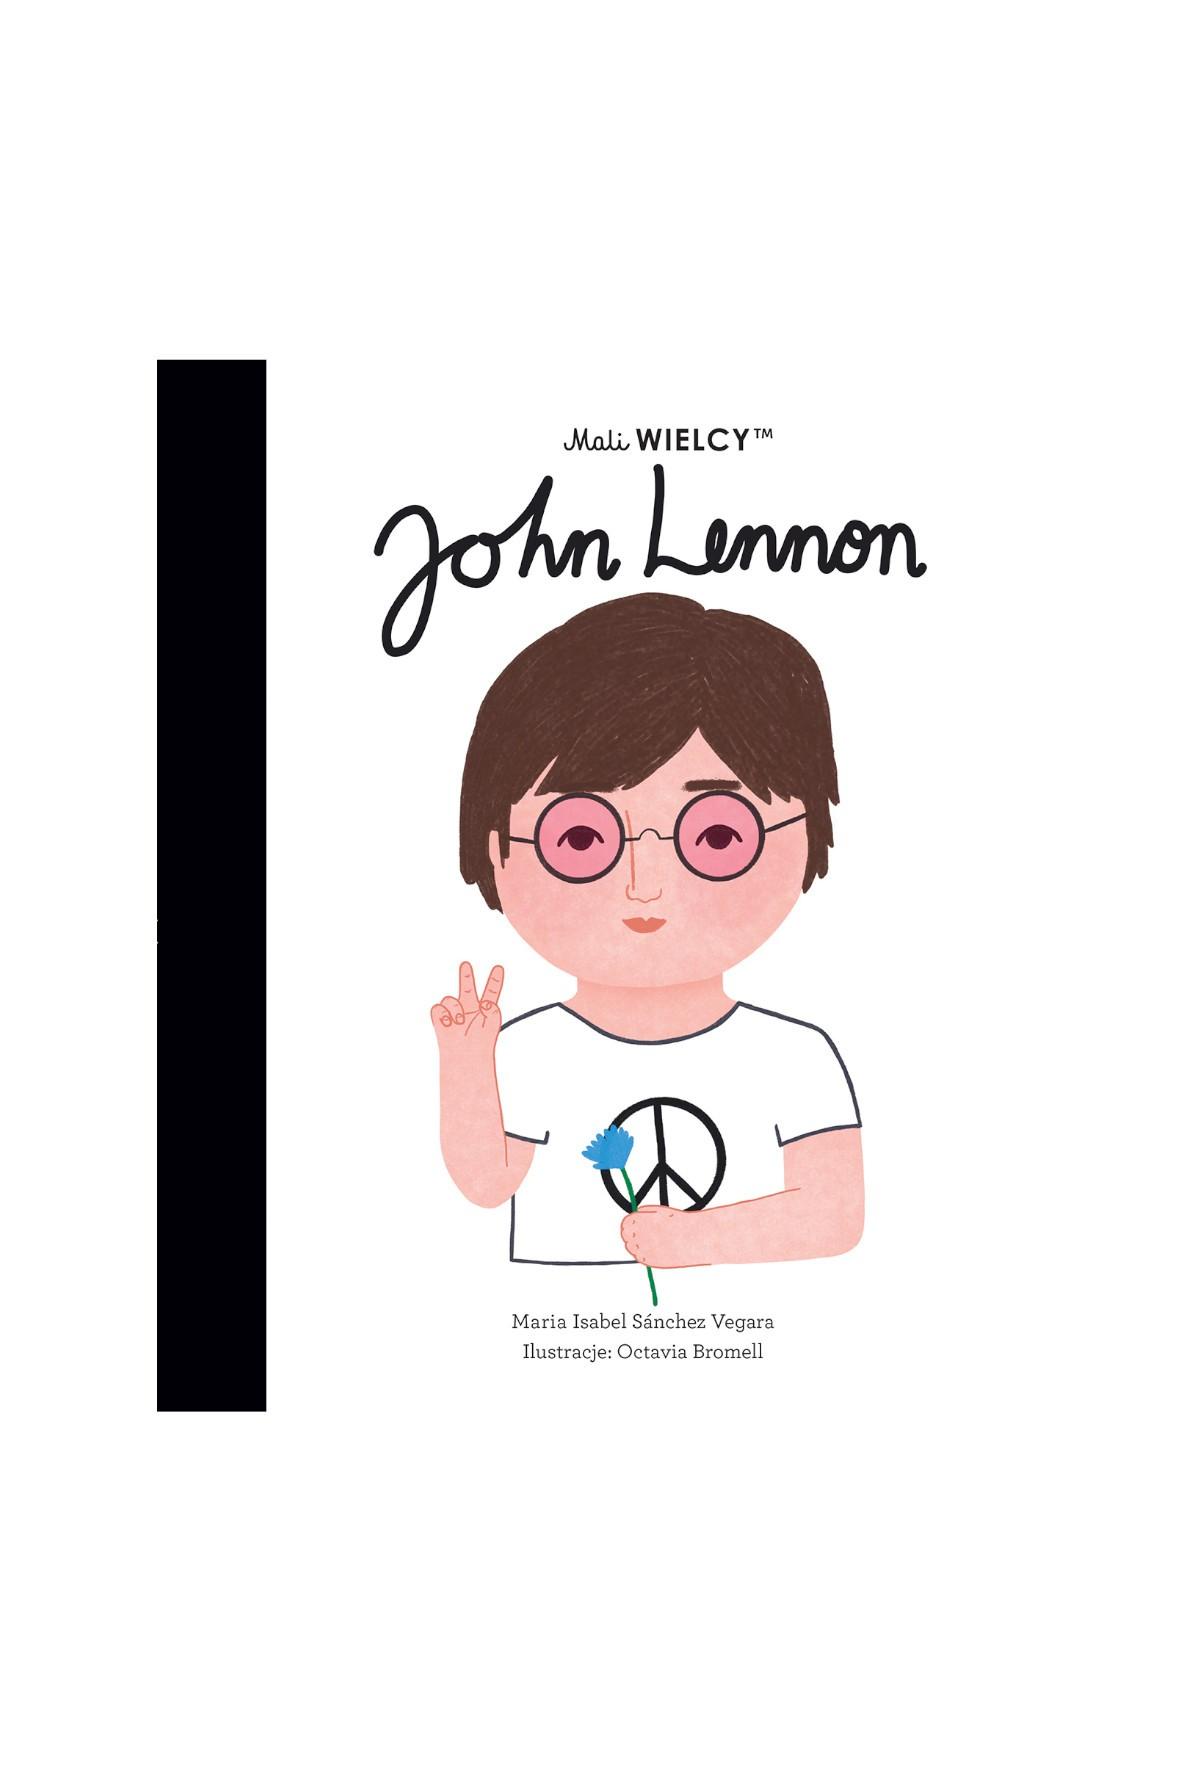 Mali WIELCY. John Lennon - książka dla dzieci